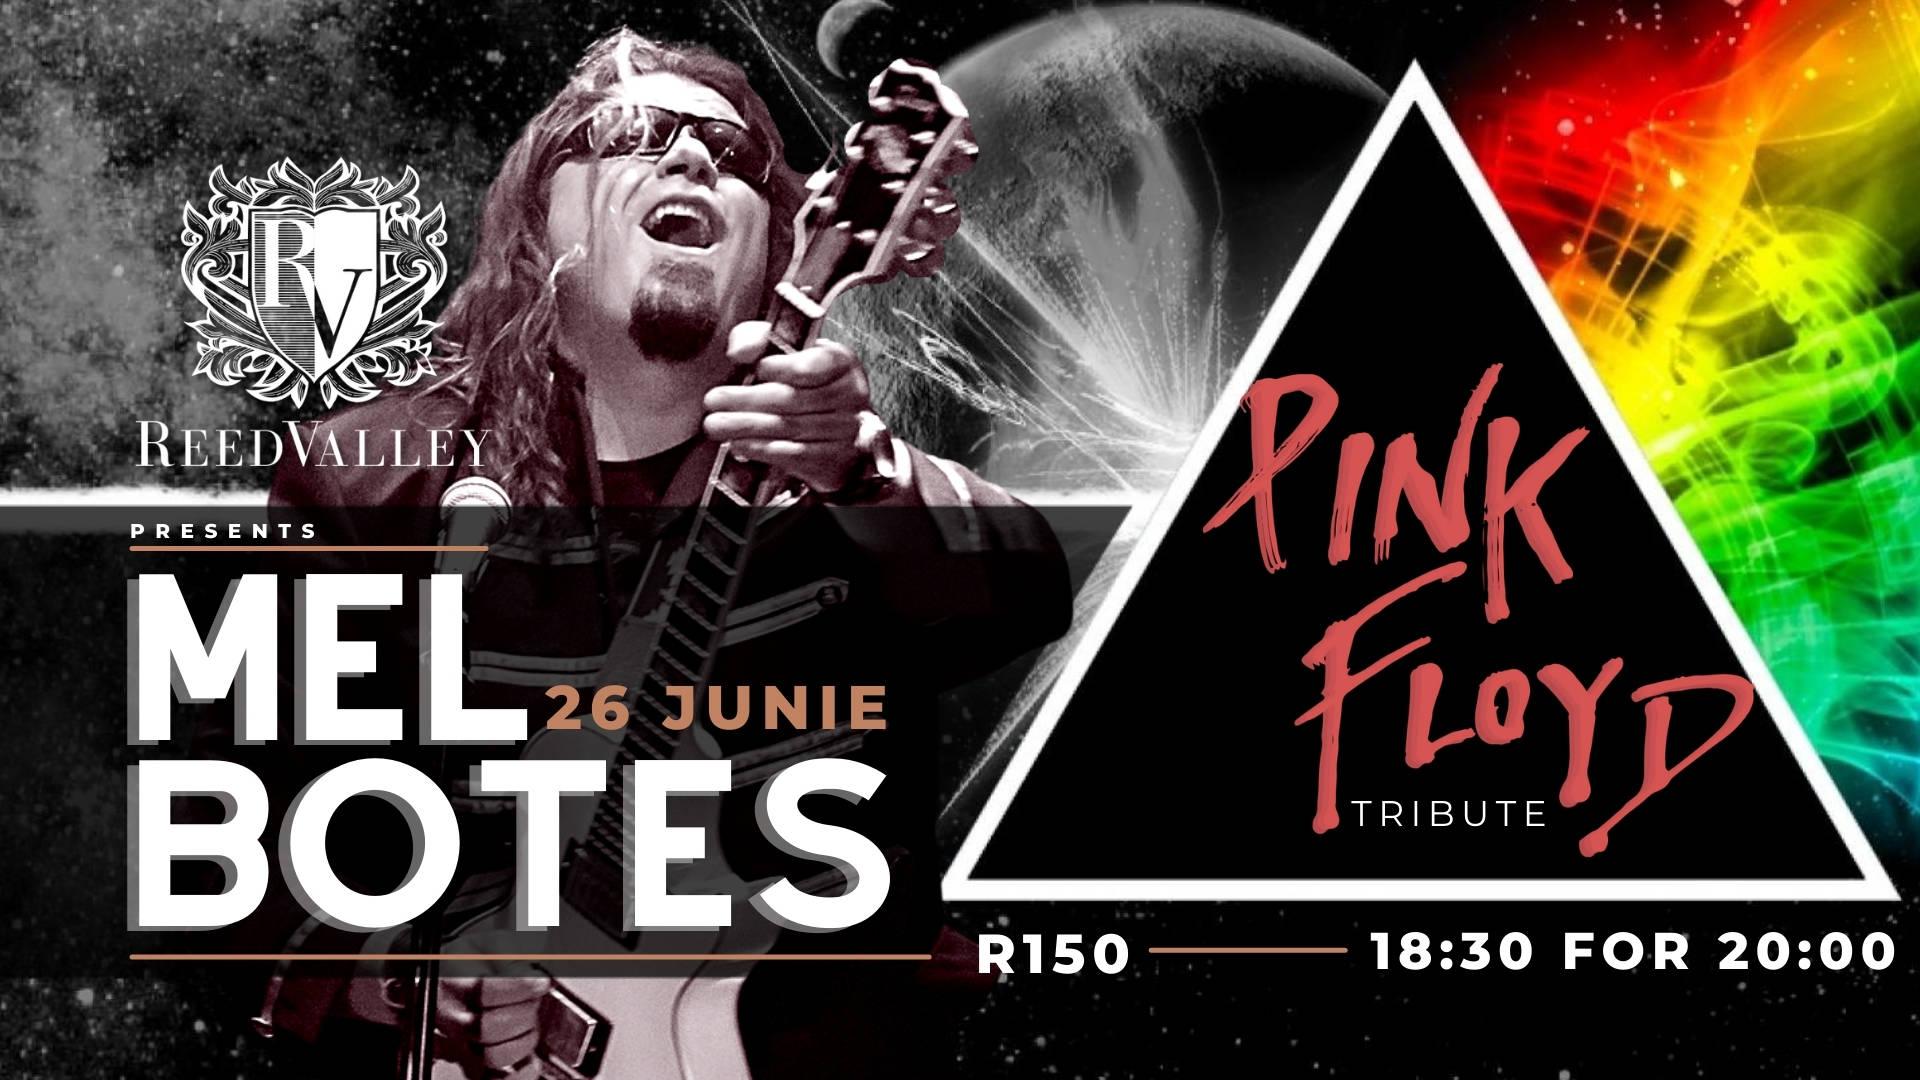 Mel Botes - Pink Floyd Tribute